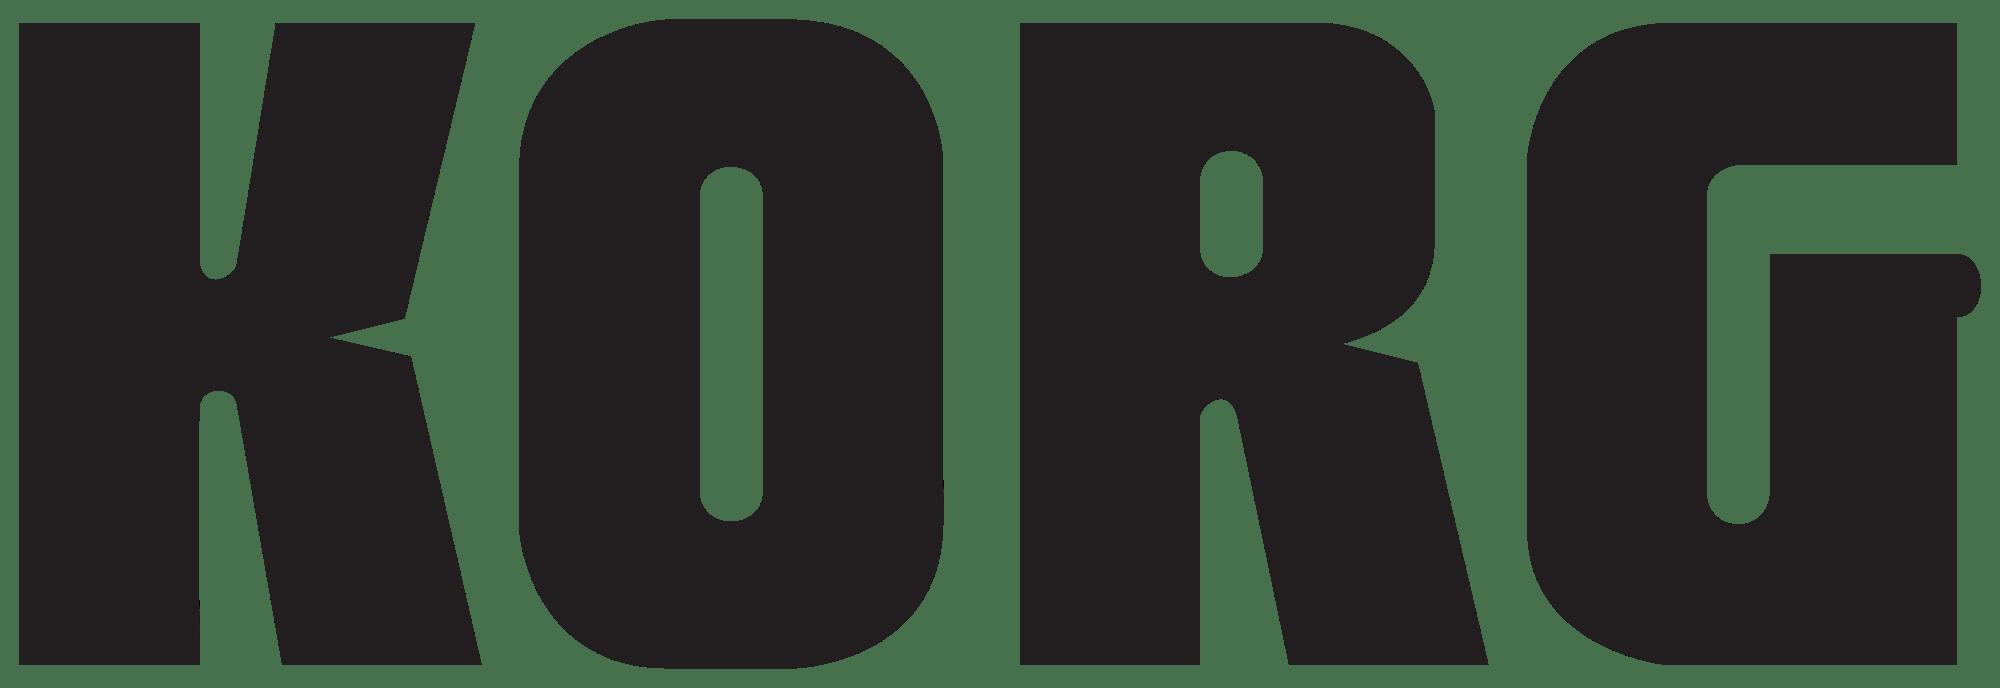 Korg Logo transparent PNG - StickPNG